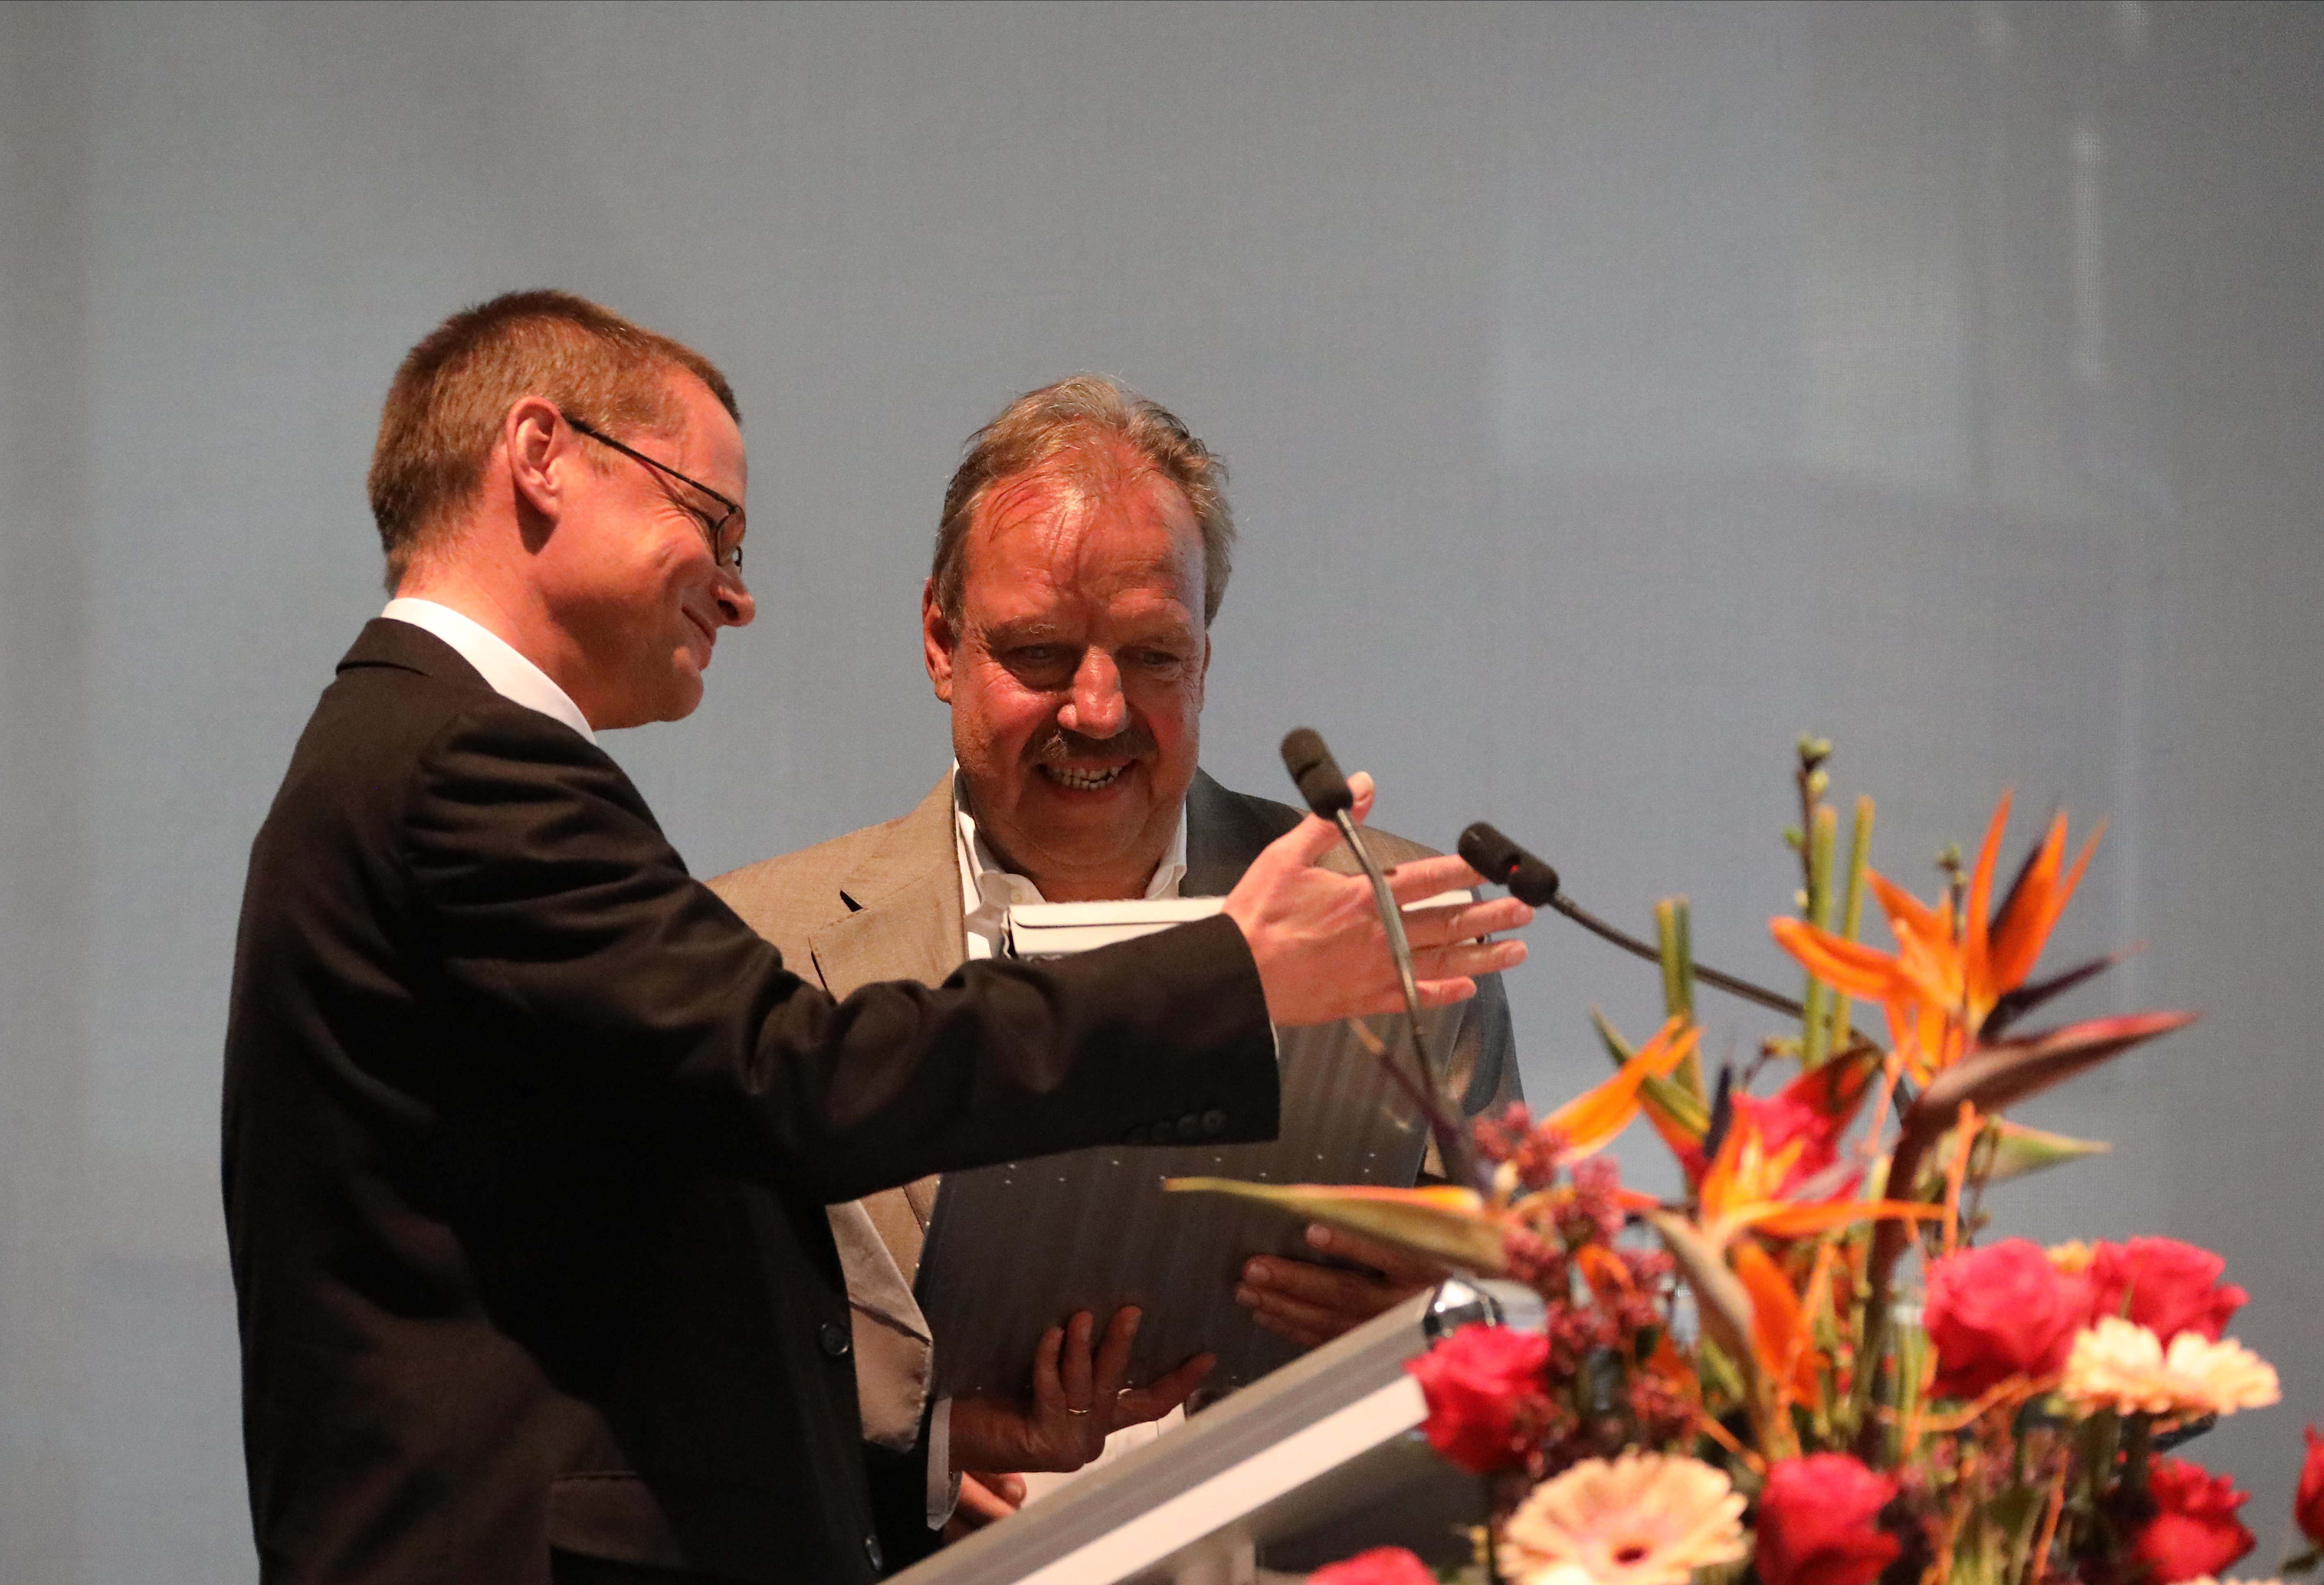 Dieter Bürgi